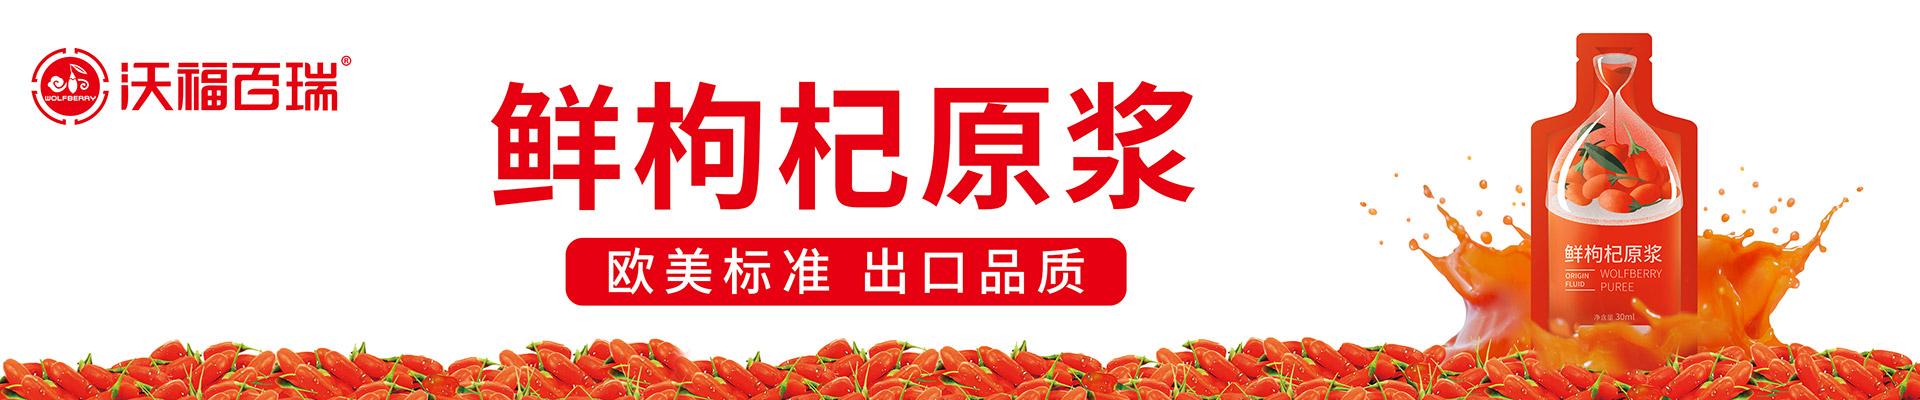 宁夏沃福百瑞枸杞产业股份优德88免费送注册体验金